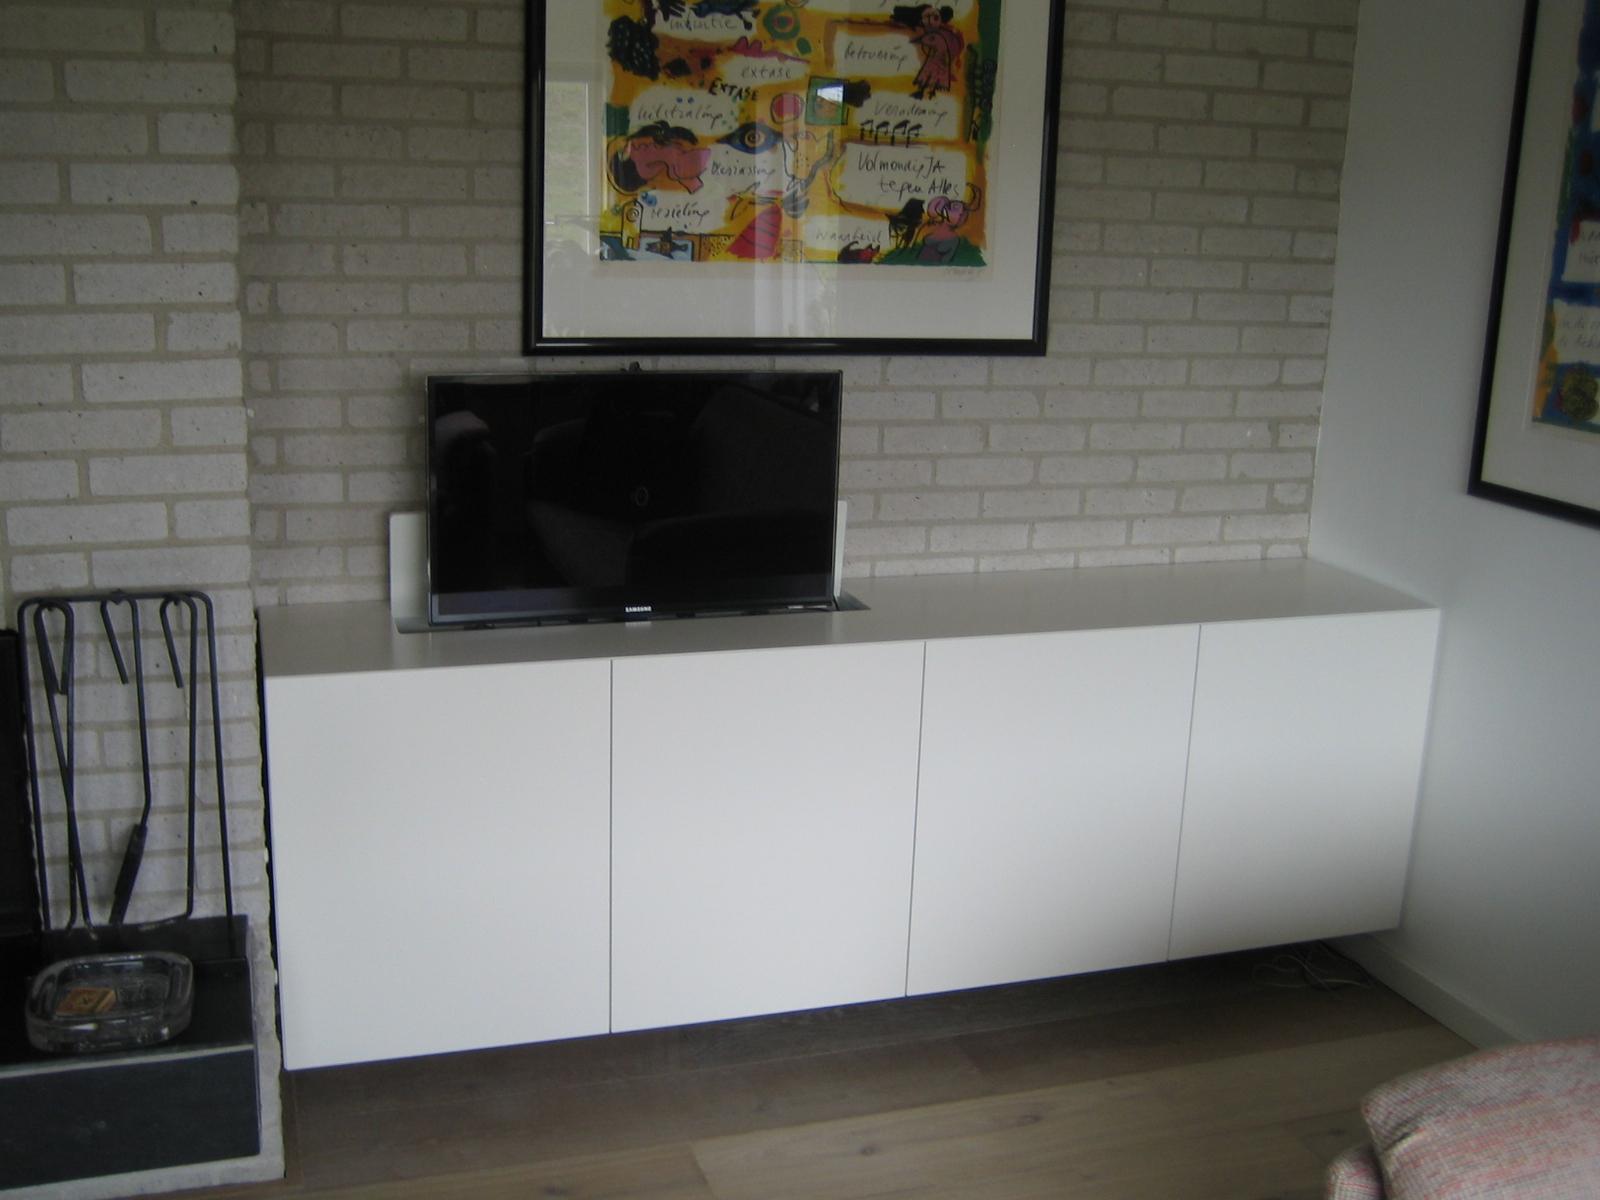 Dressoir Met Tv Lift.Hangend Dressoir Met Tv Lift Hvs Design Maatwerk Meubelen